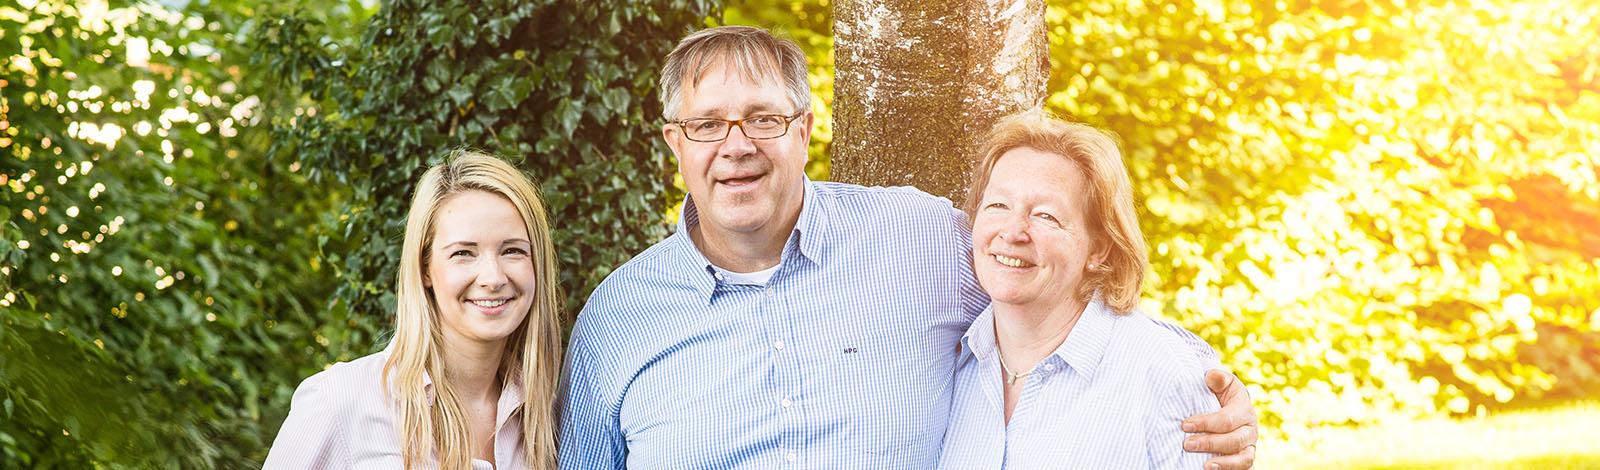 Familie Goldnick vom Hornbrooker Hof